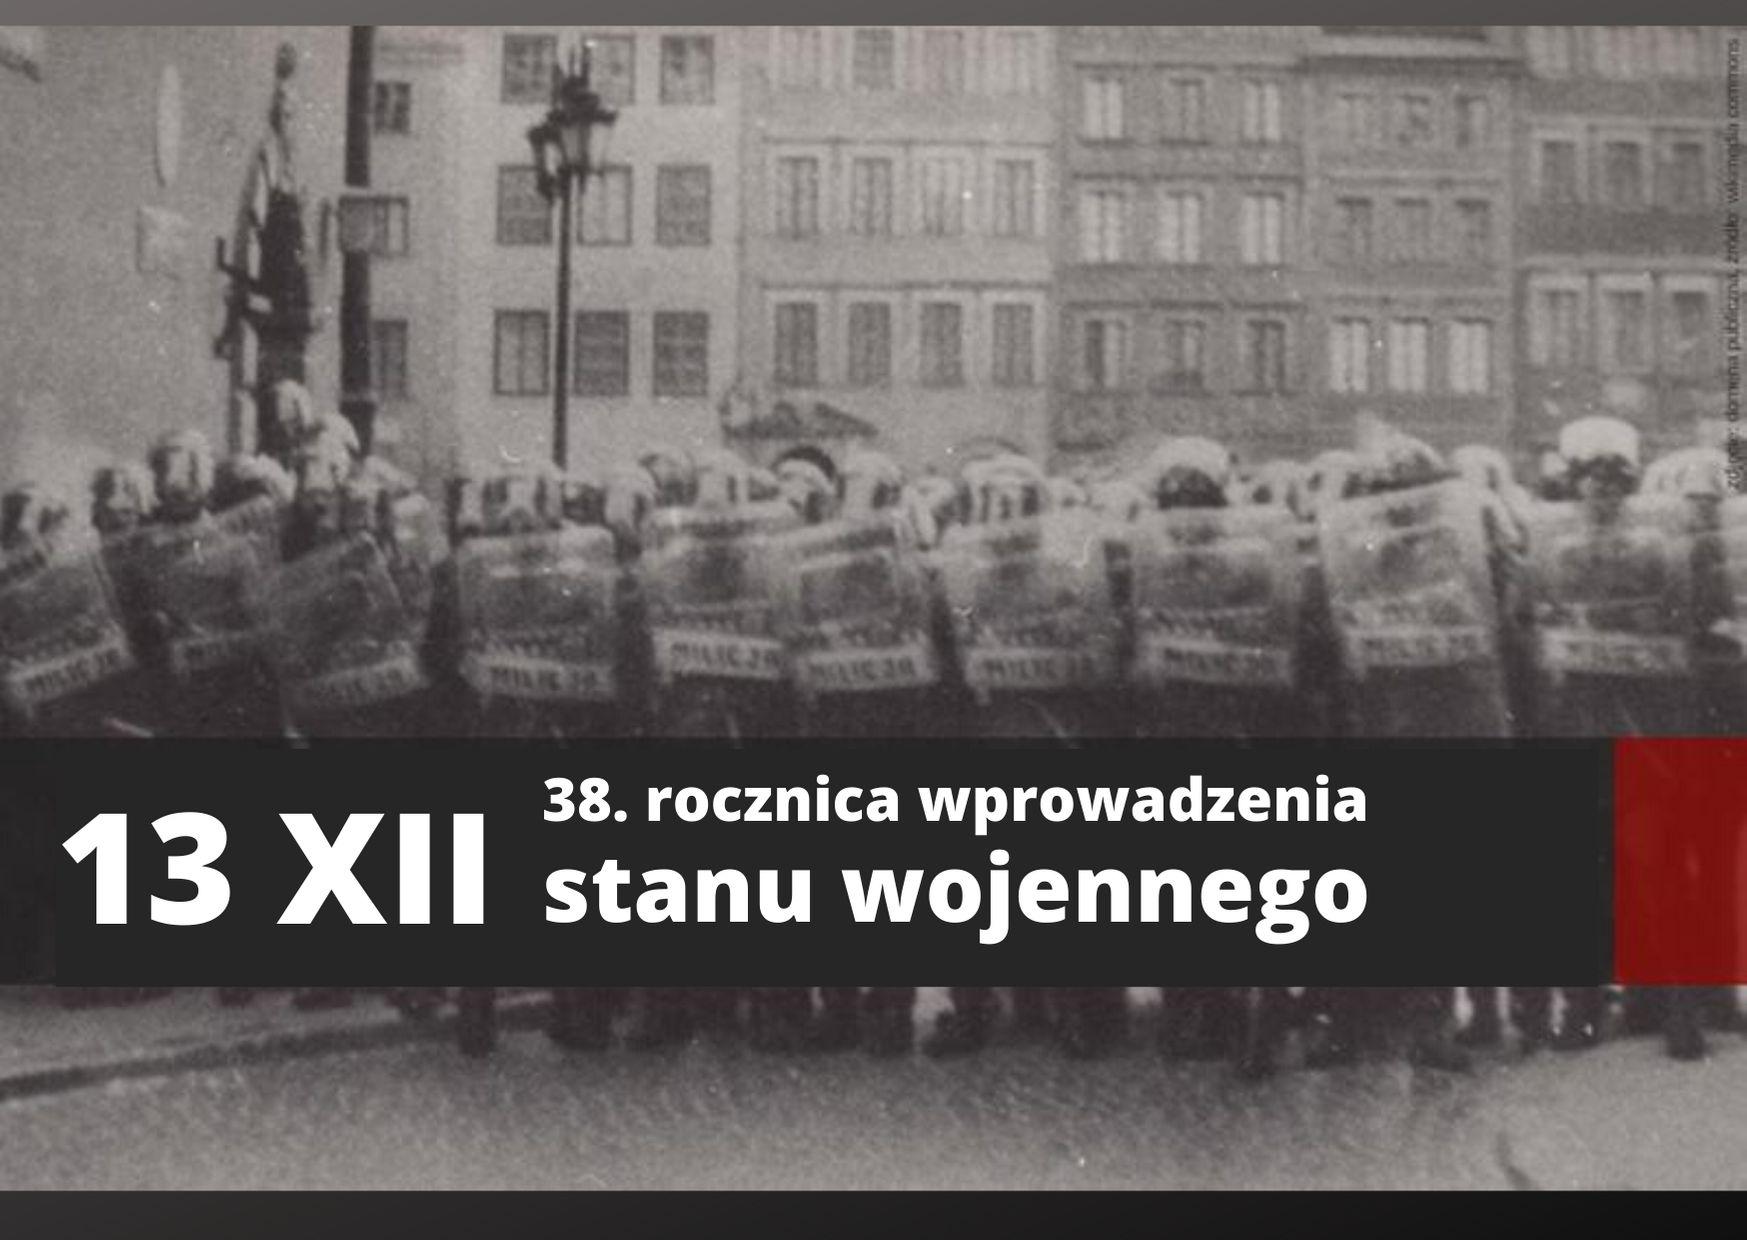 13 grudnia 2018 - 38. rocznica stanu wojennego, plakat